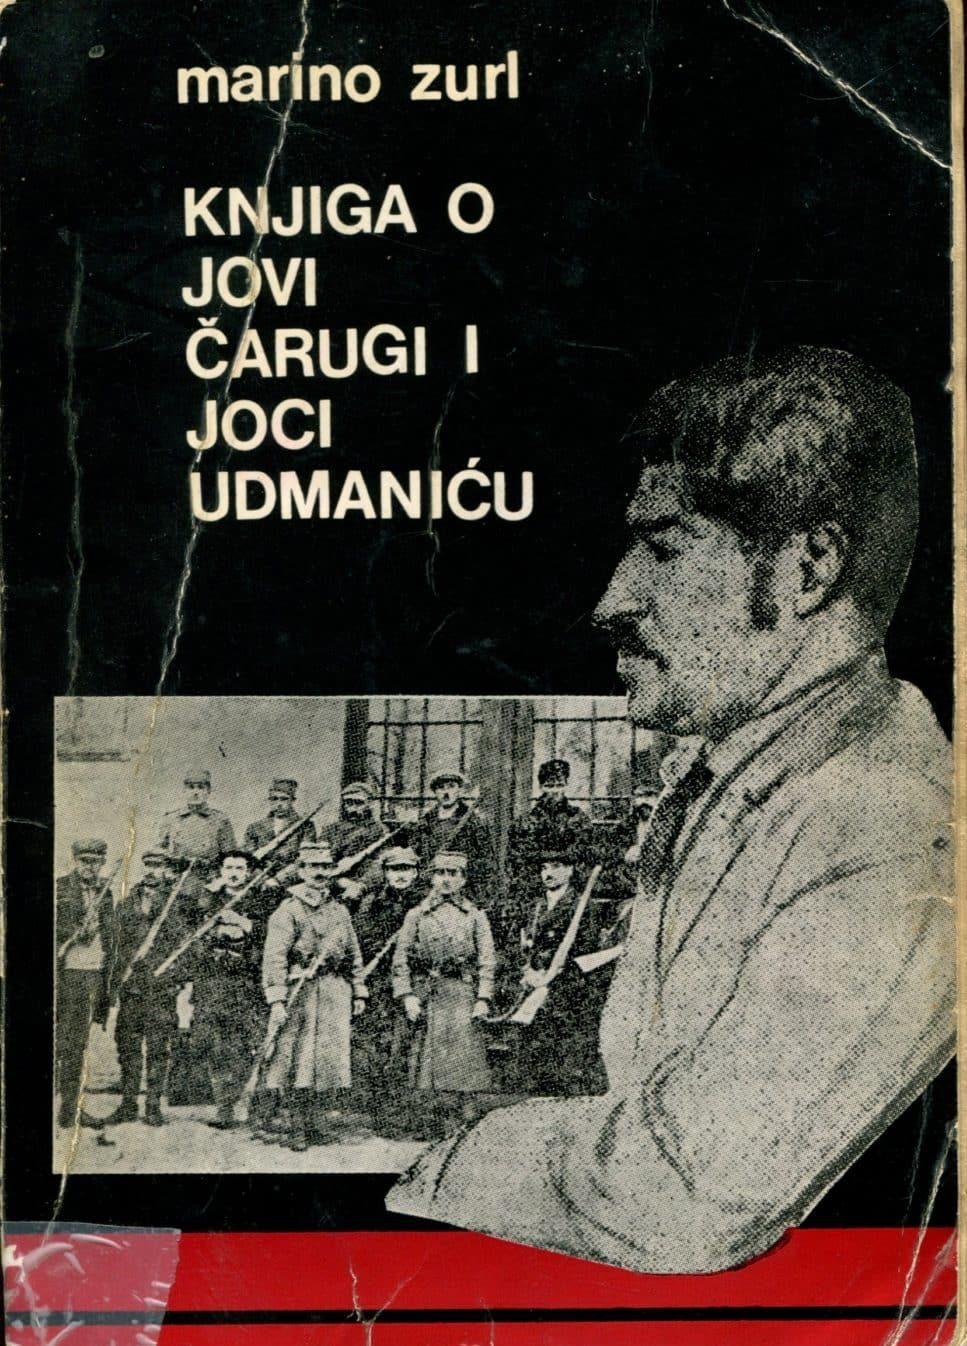 Knjiga o Jovi Čarugi i Joci Udmaniću Zurl Marino